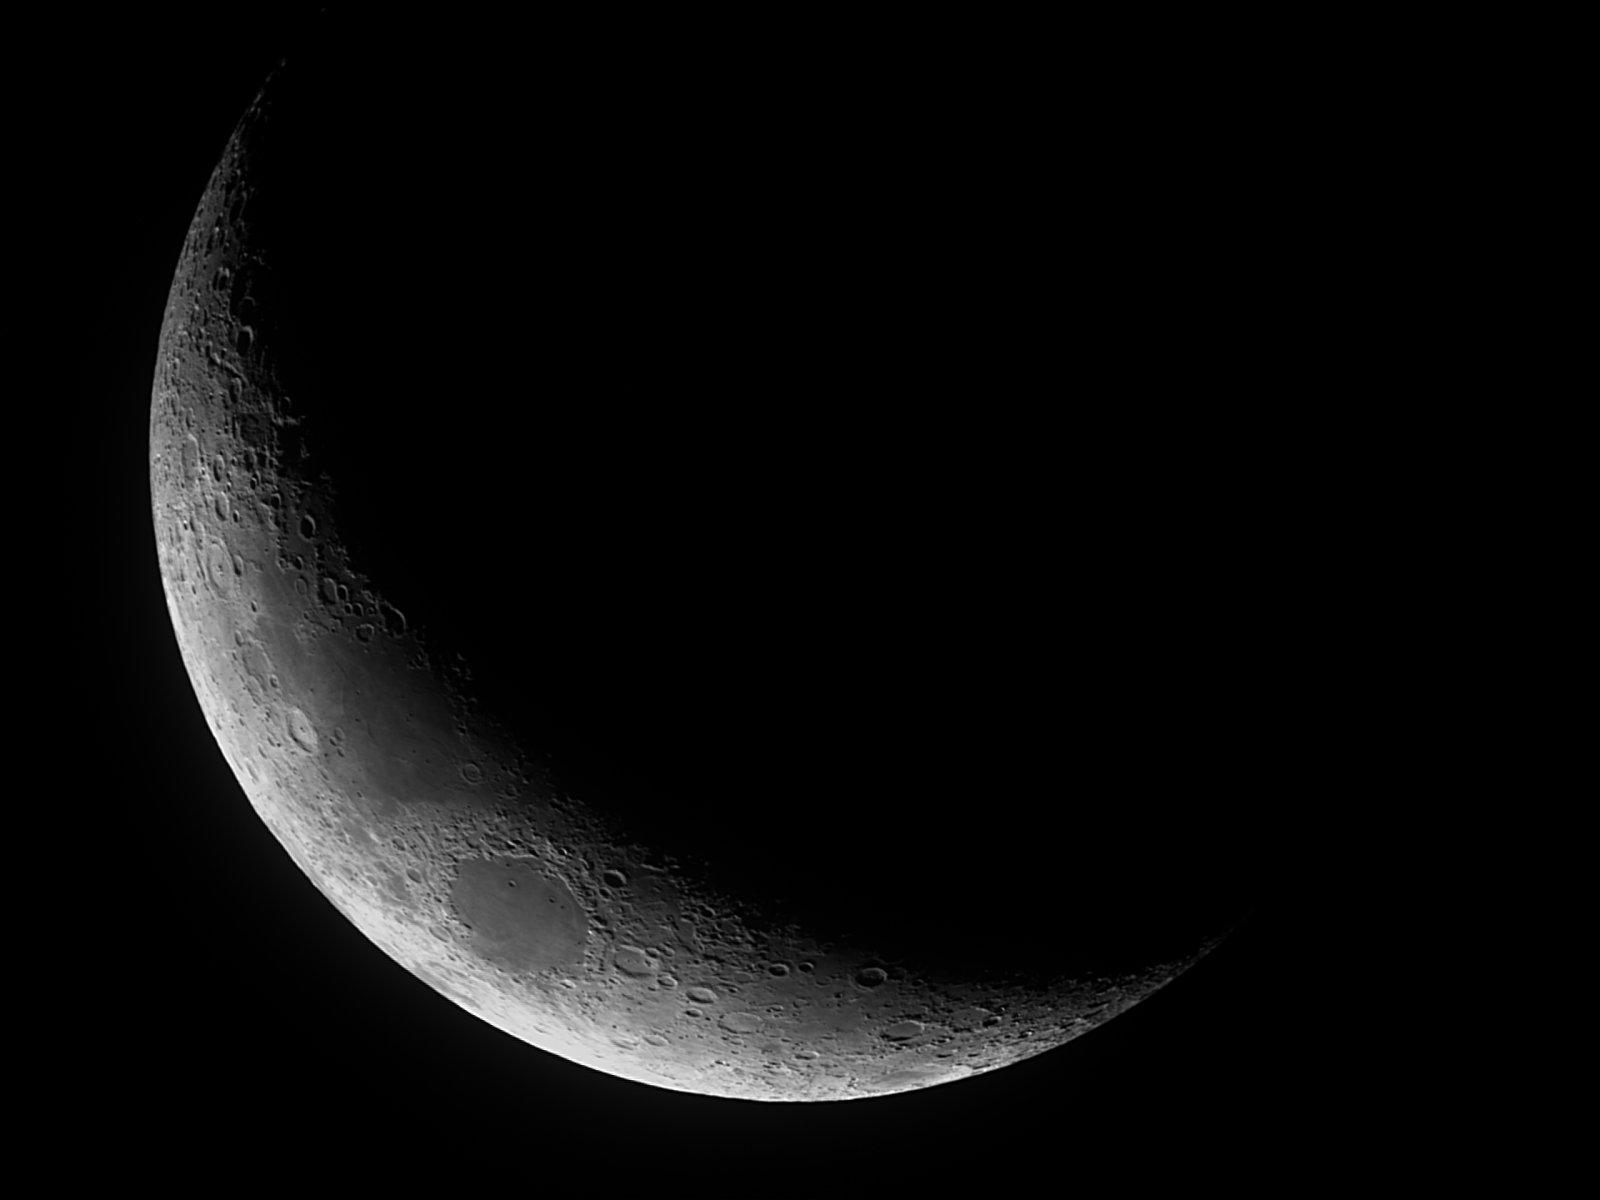 Lune 19% SAR